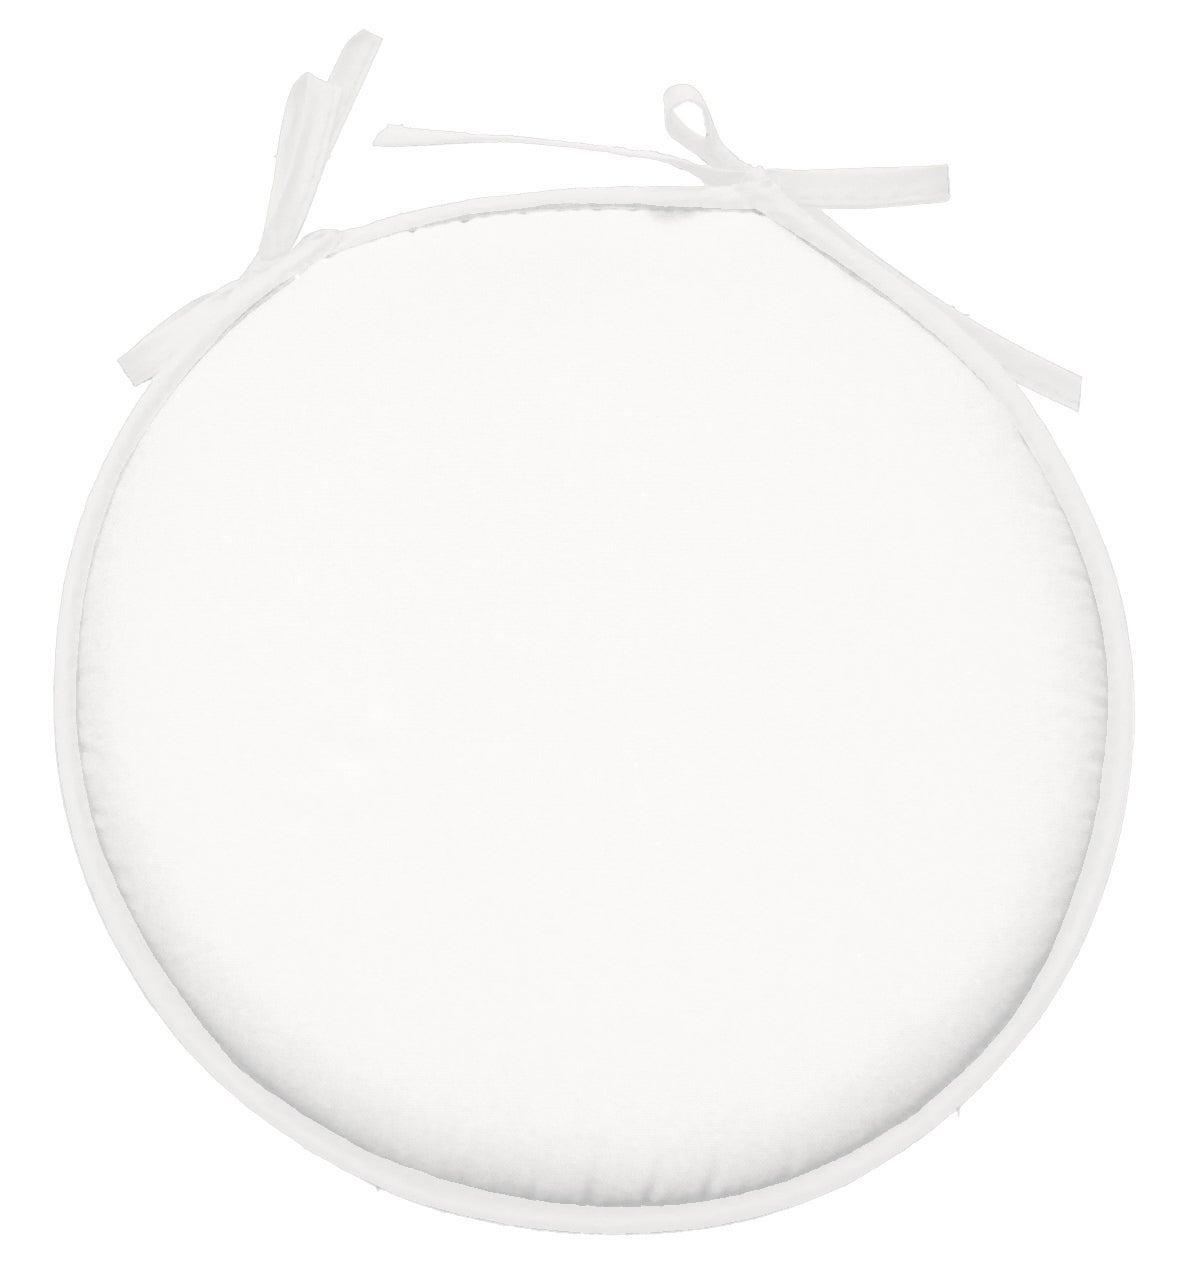 Galette de chaise Nelson forme ronde, blanc l.7 x H.7 cm  Leroy